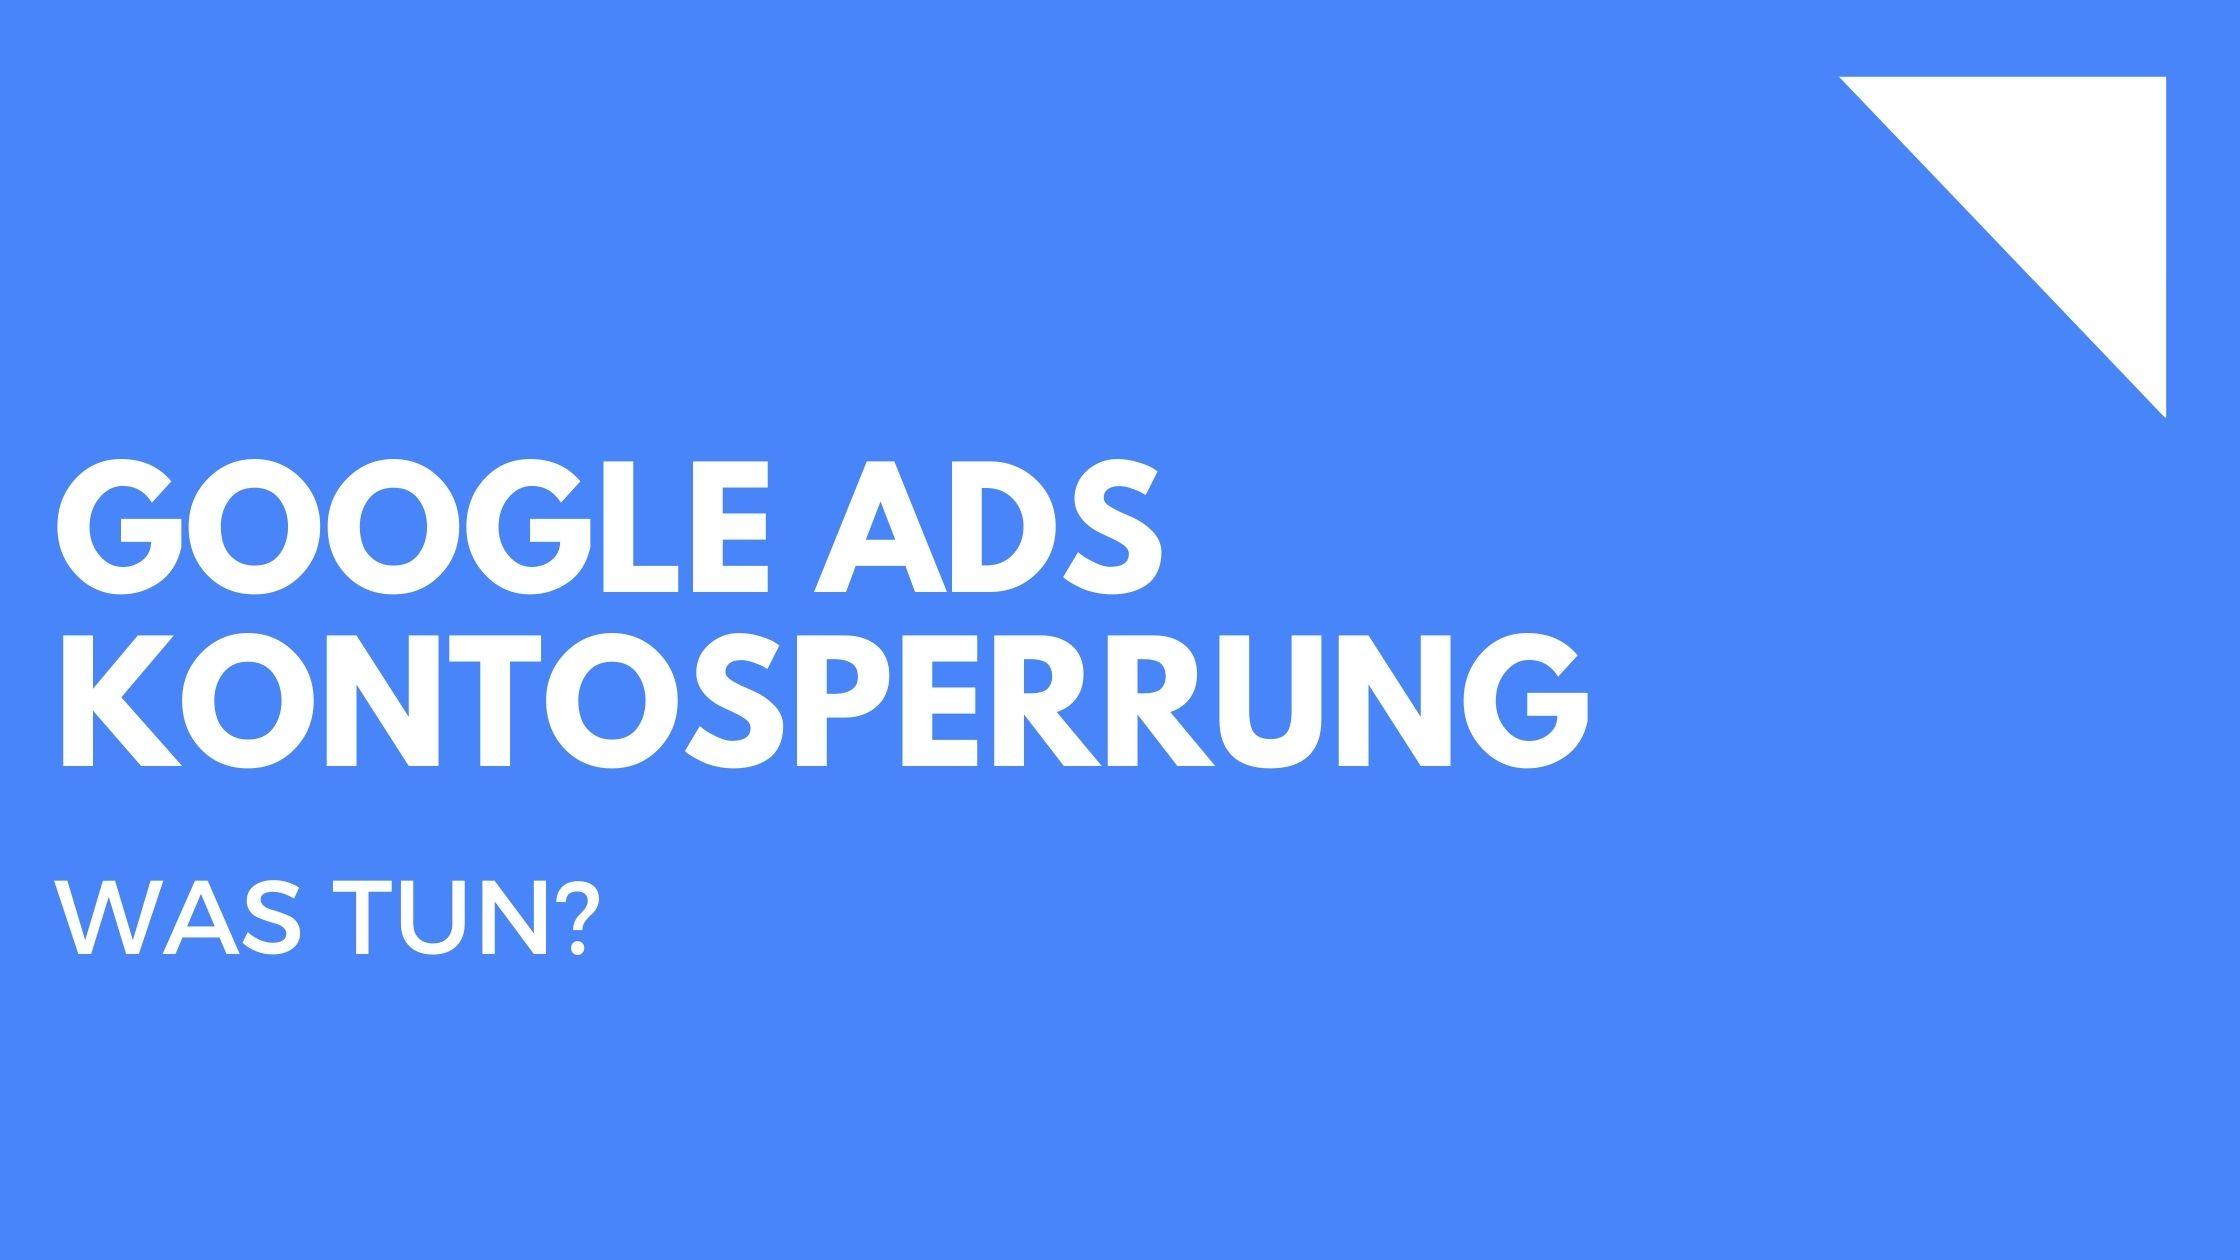 Google Ads Kontosperrung - Was tun?